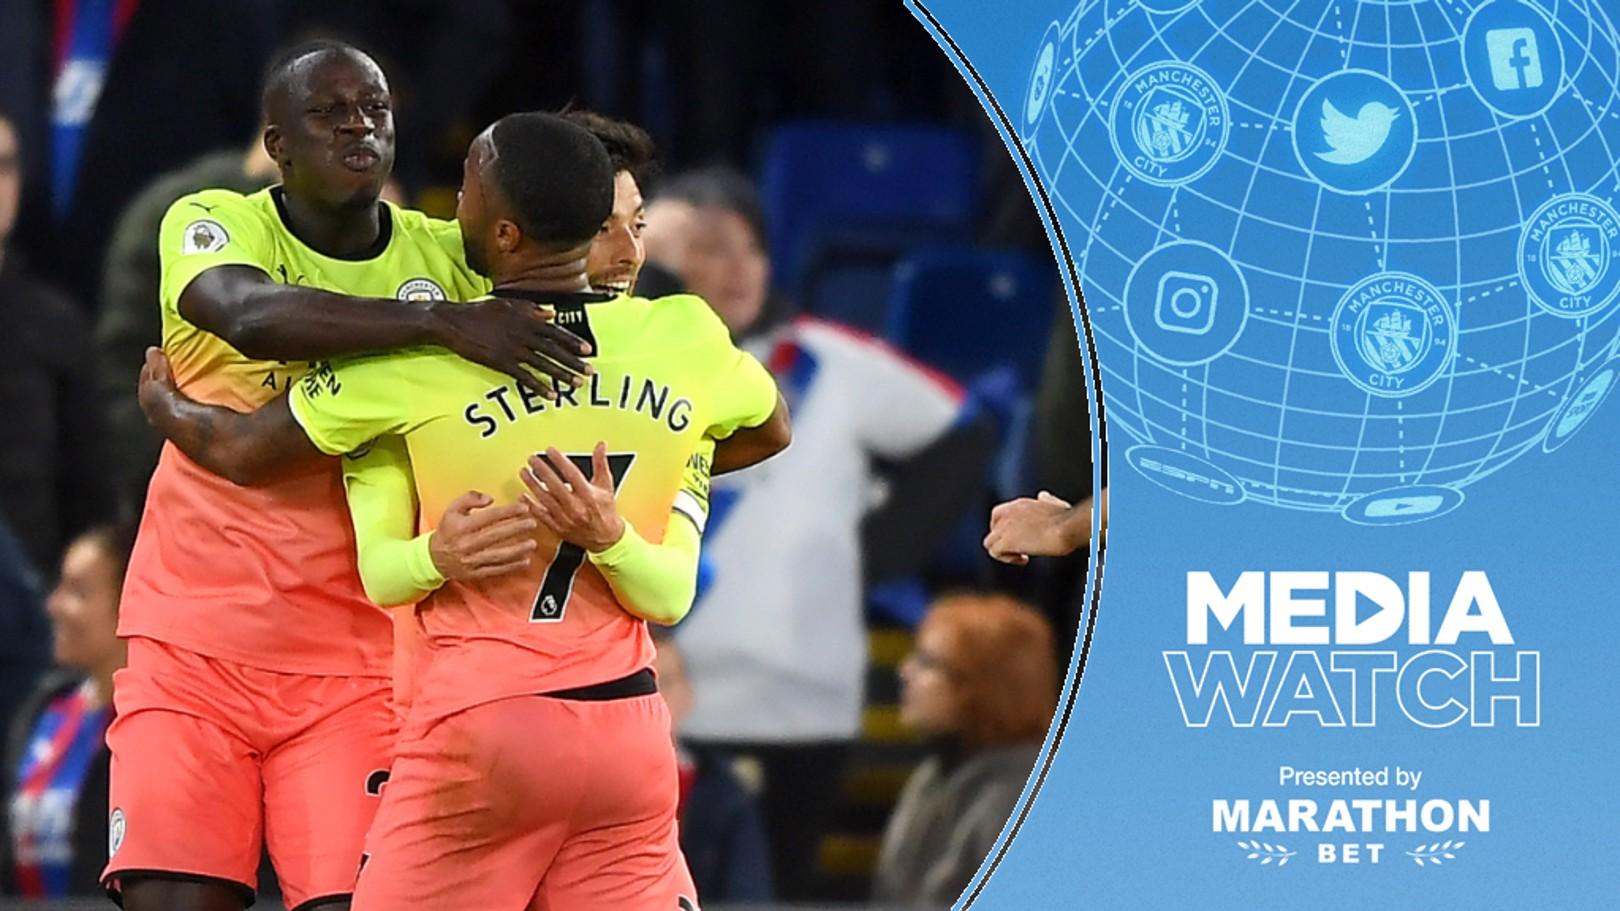 PALACE RAID: City secured a crucial 2-0 win at Crystal Palace